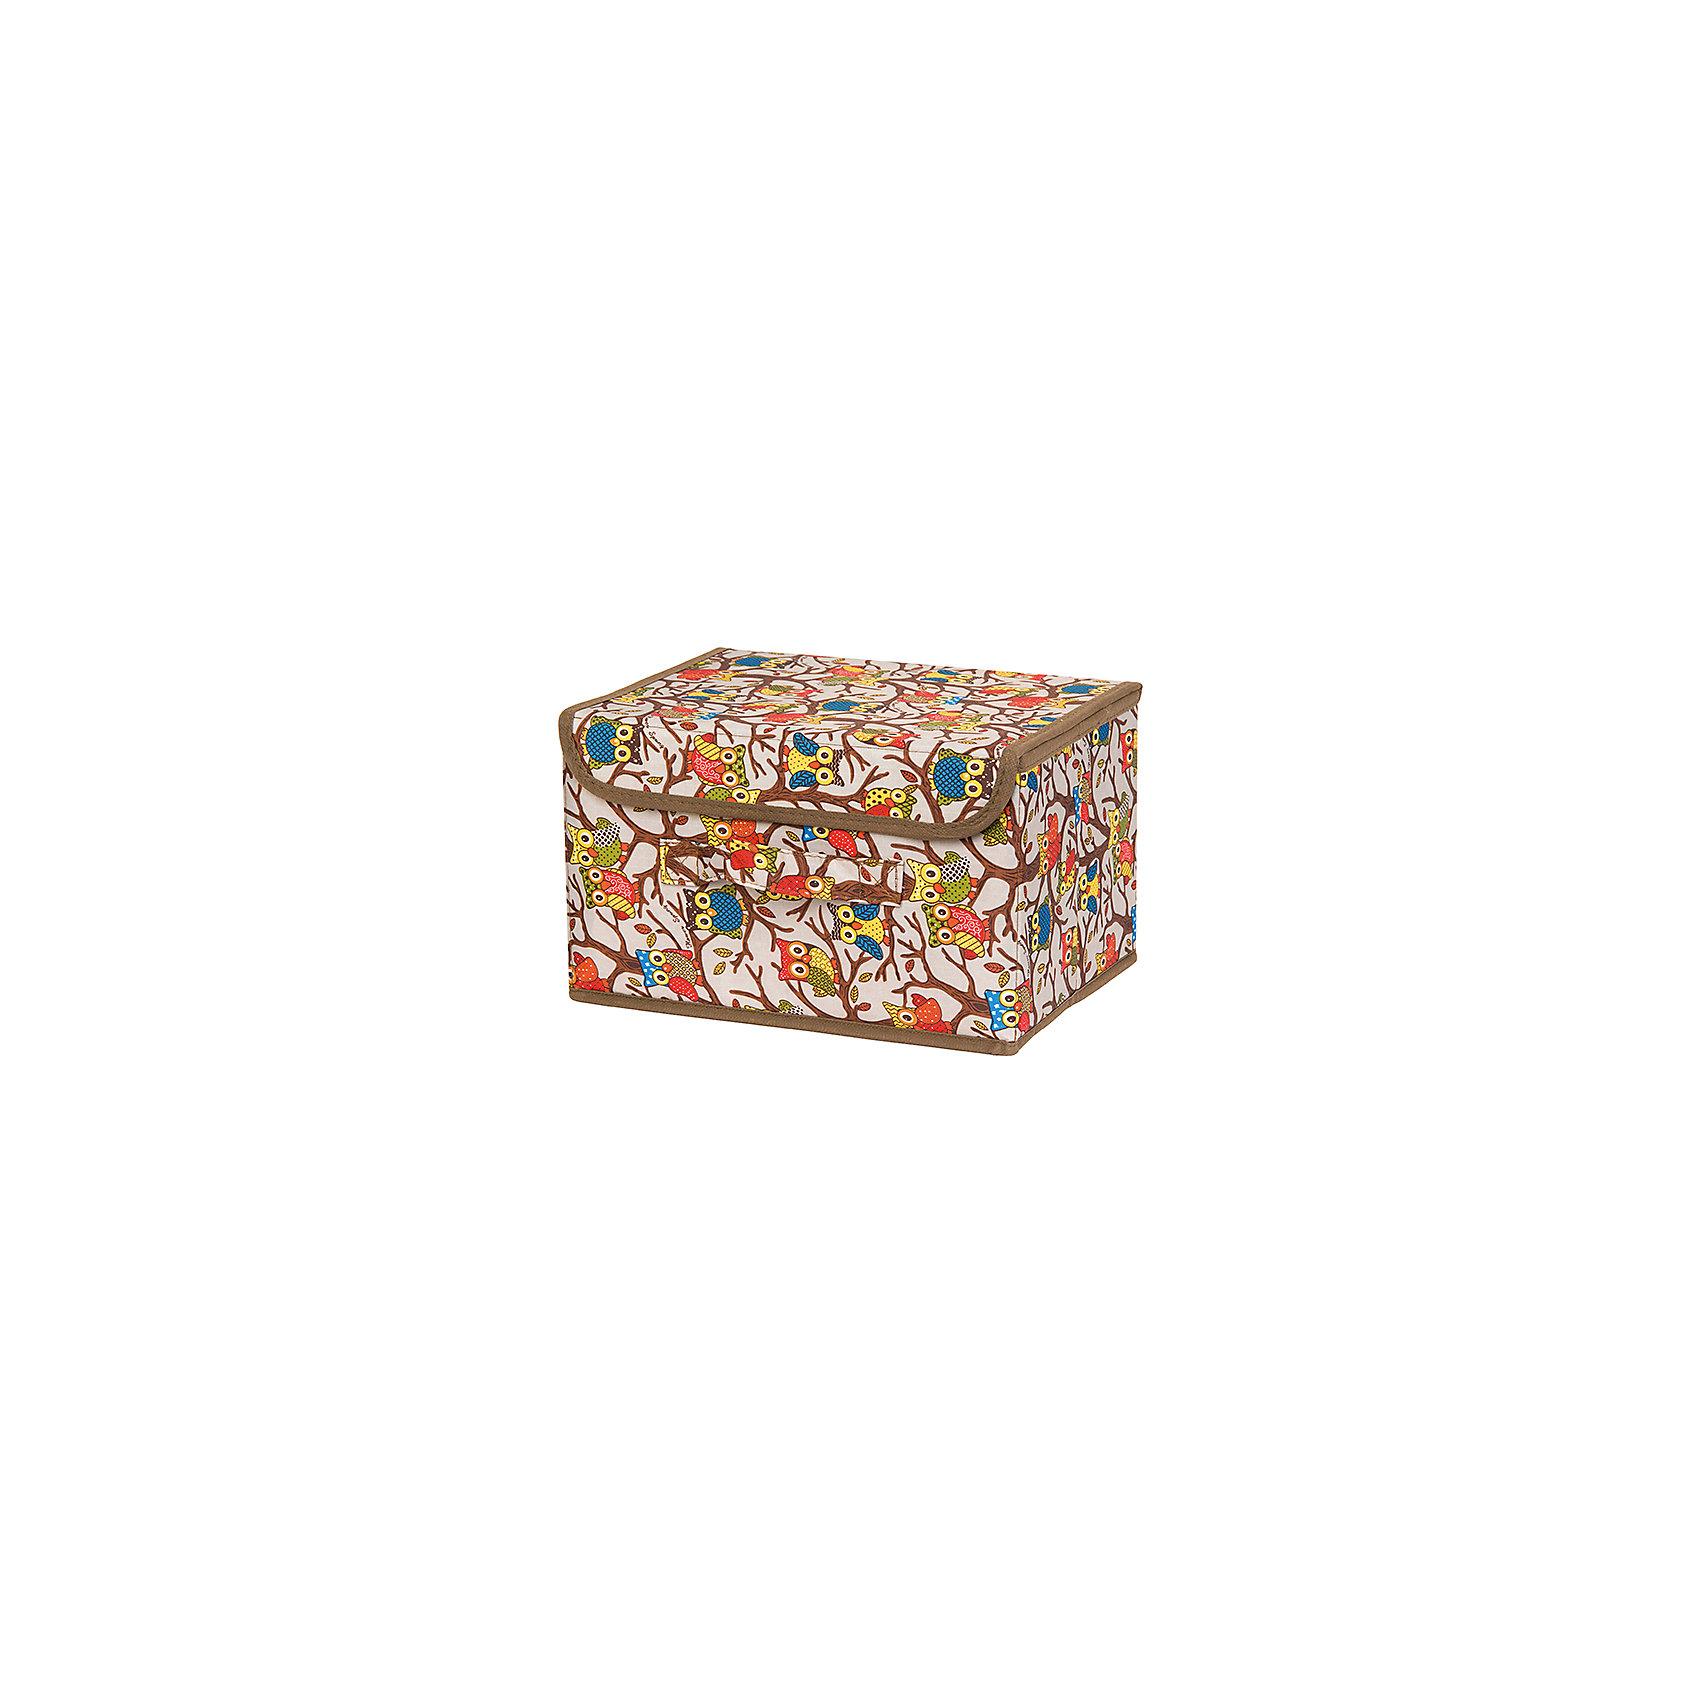 Кофр складной для хранения 26*20*16 см. Совы на ветках на серебре, EL CasaПорядок в детской<br>Характеристики товара:<br><br>• цвет: мульти<br>• материал: текстиль (полиэстер), картон<br>• размер: 26 х 20 х 16 см<br>• вес: 400 г<br>• декорирован принтом<br>• с жестким каркасом<br>• легко складывается и раскладывается<br>• удобный<br>• с крышкой и ручкой<br>• универсальный размер<br>• страна бренда: Российская Федерация<br>• страна производства: Китай<br><br>Такой кофр - отличный пример красивой и функциональной вещи для любого интерьера. В нем удобной хранить различные мелочи, благодаря универсальному дизайну и расцветке он хорошо будет смотреться в помещении.<br><br>Кофр с жёстким каркасом для хранения может стать отличным приобретением для дома или подарком для любителей красивых оригинальных вещей.<br><br>Бренд EL Casa - это красивые и практичные товары для дома с современным дизайном. Они добавляют в жильё уюта и комфорта! <br><br>Кофр складной для хранения 26*20*16 см. Совы на ветках на серебре, EL Casa можно купить в нашем интернет-магазине.<br><br>Ширина мм: 270<br>Глубина мм: 210<br>Высота мм: 27<br>Вес г: 400<br>Возраст от месяцев: 0<br>Возраст до месяцев: 1188<br>Пол: Унисекс<br>Возраст: Детский<br>SKU: 6668732